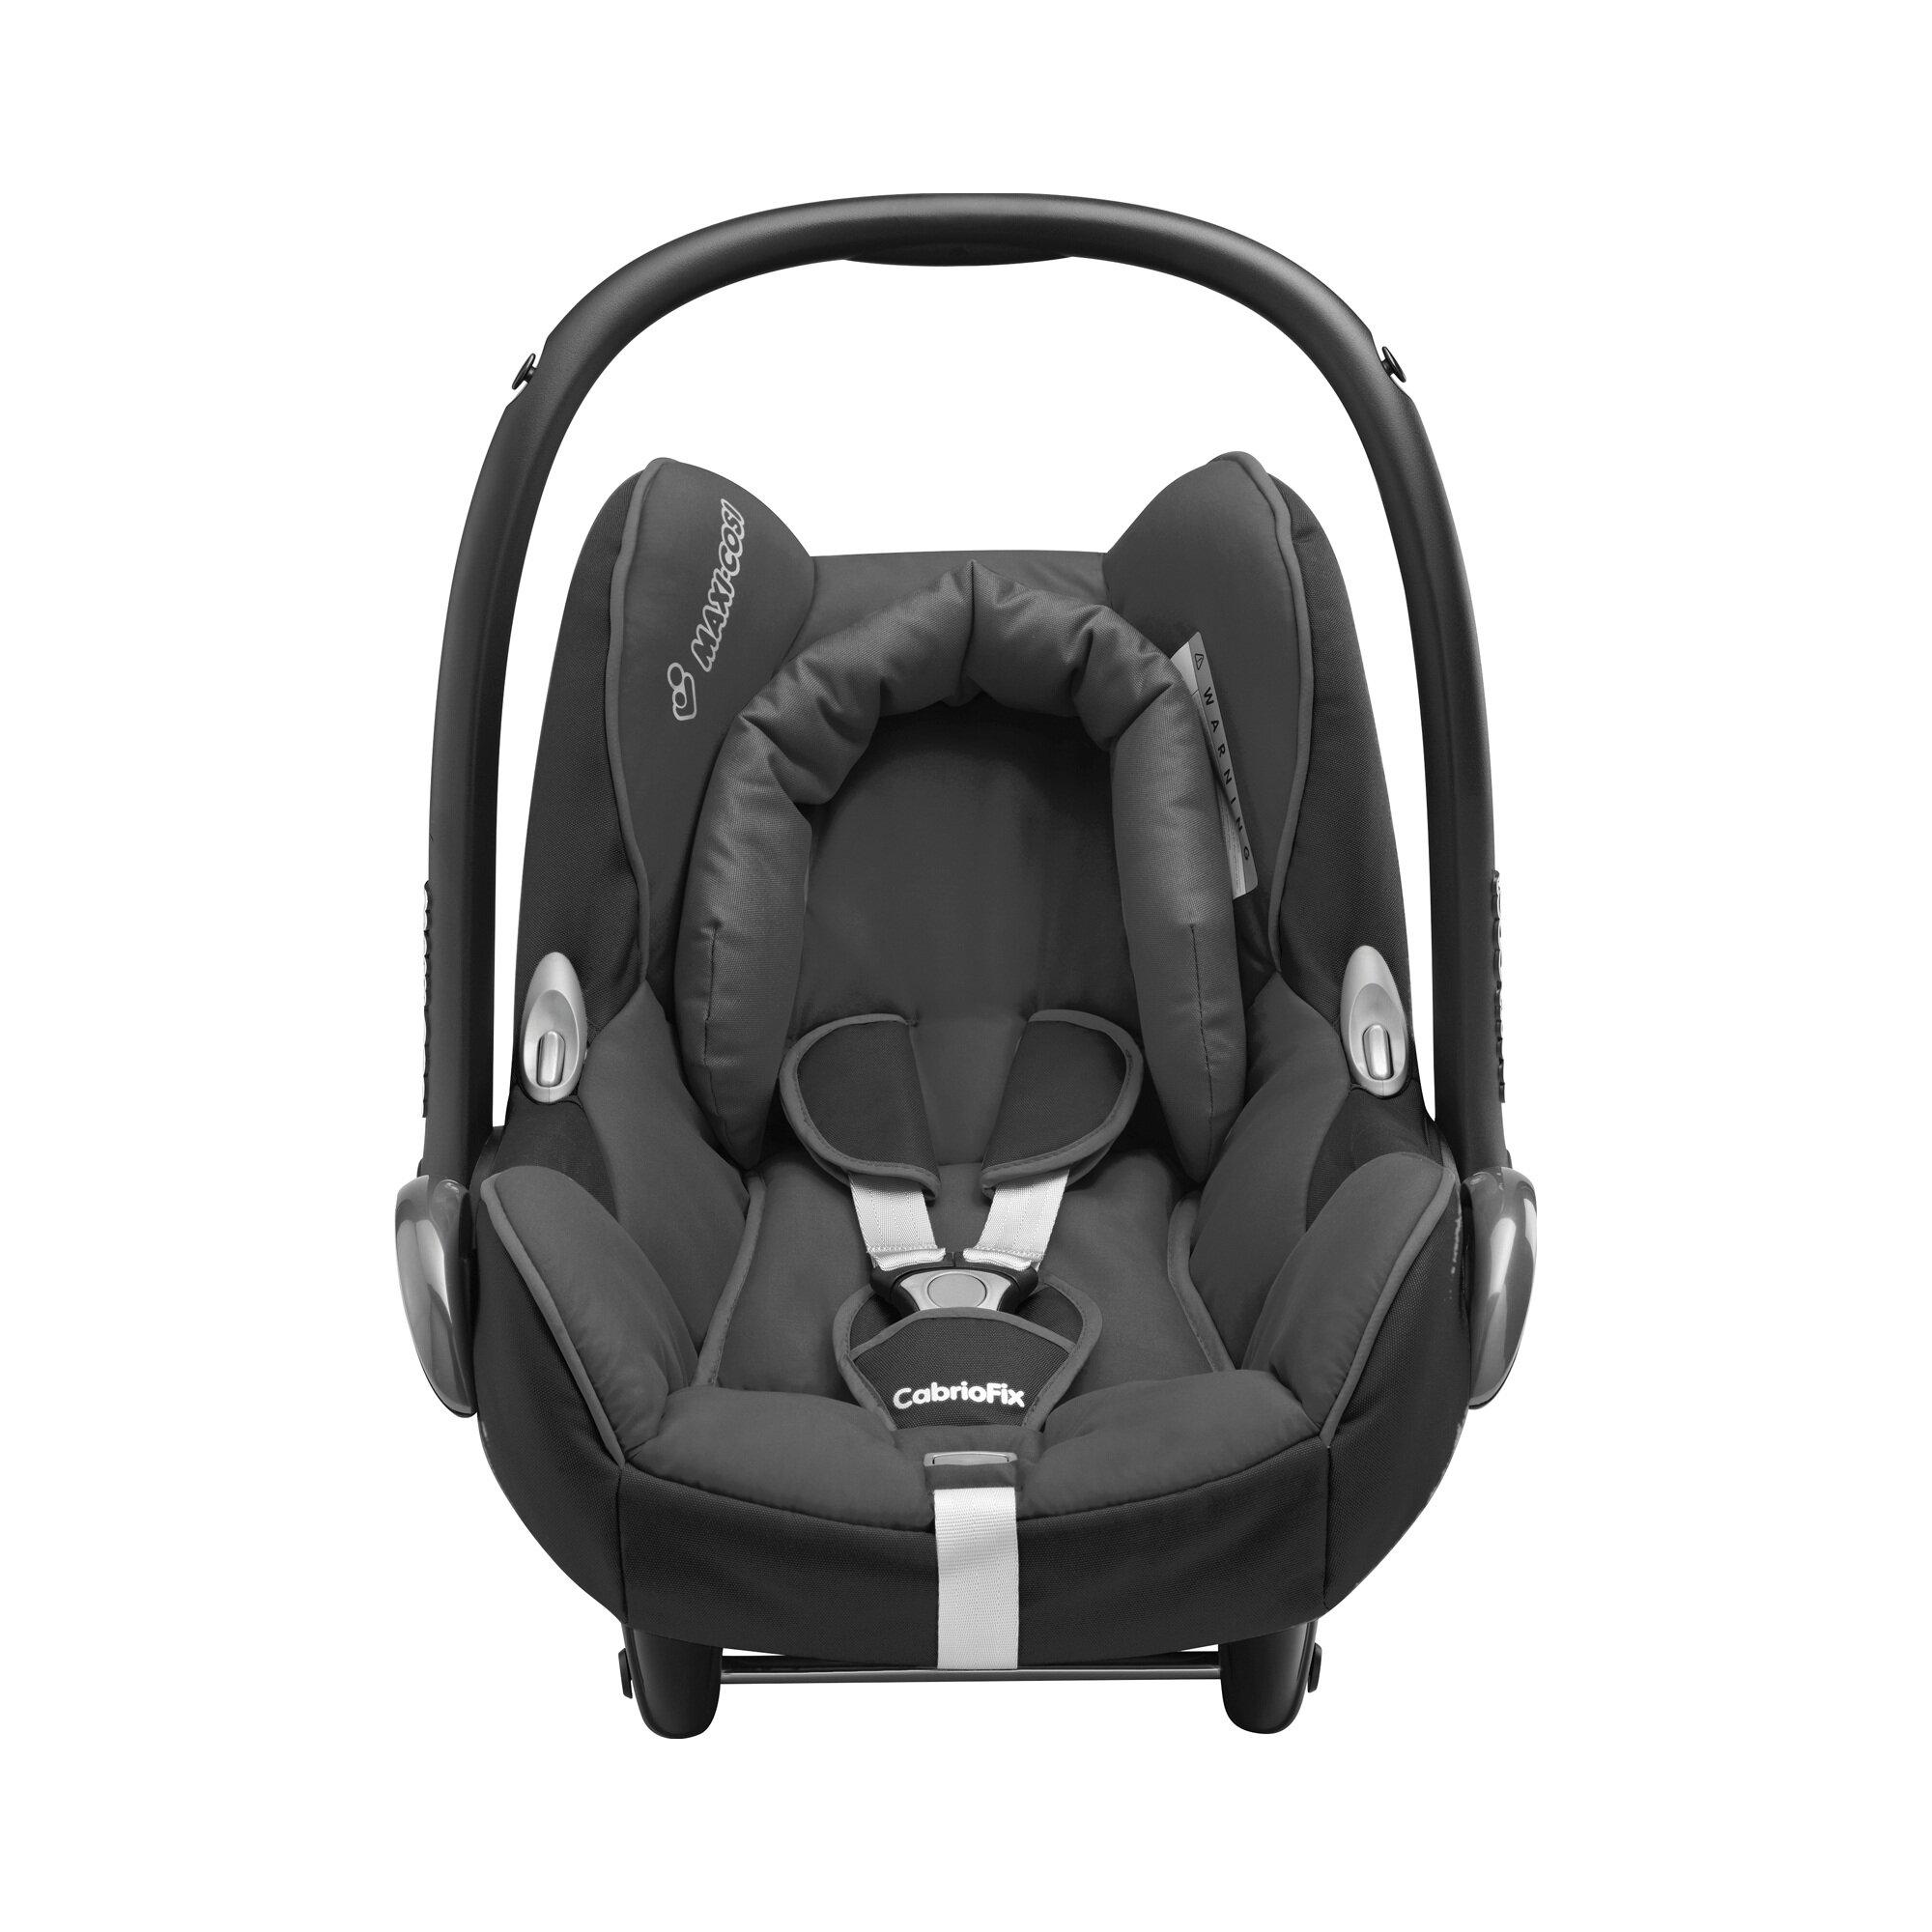 cabriofix-babyschale-cabriofix-design-2016-schwarz